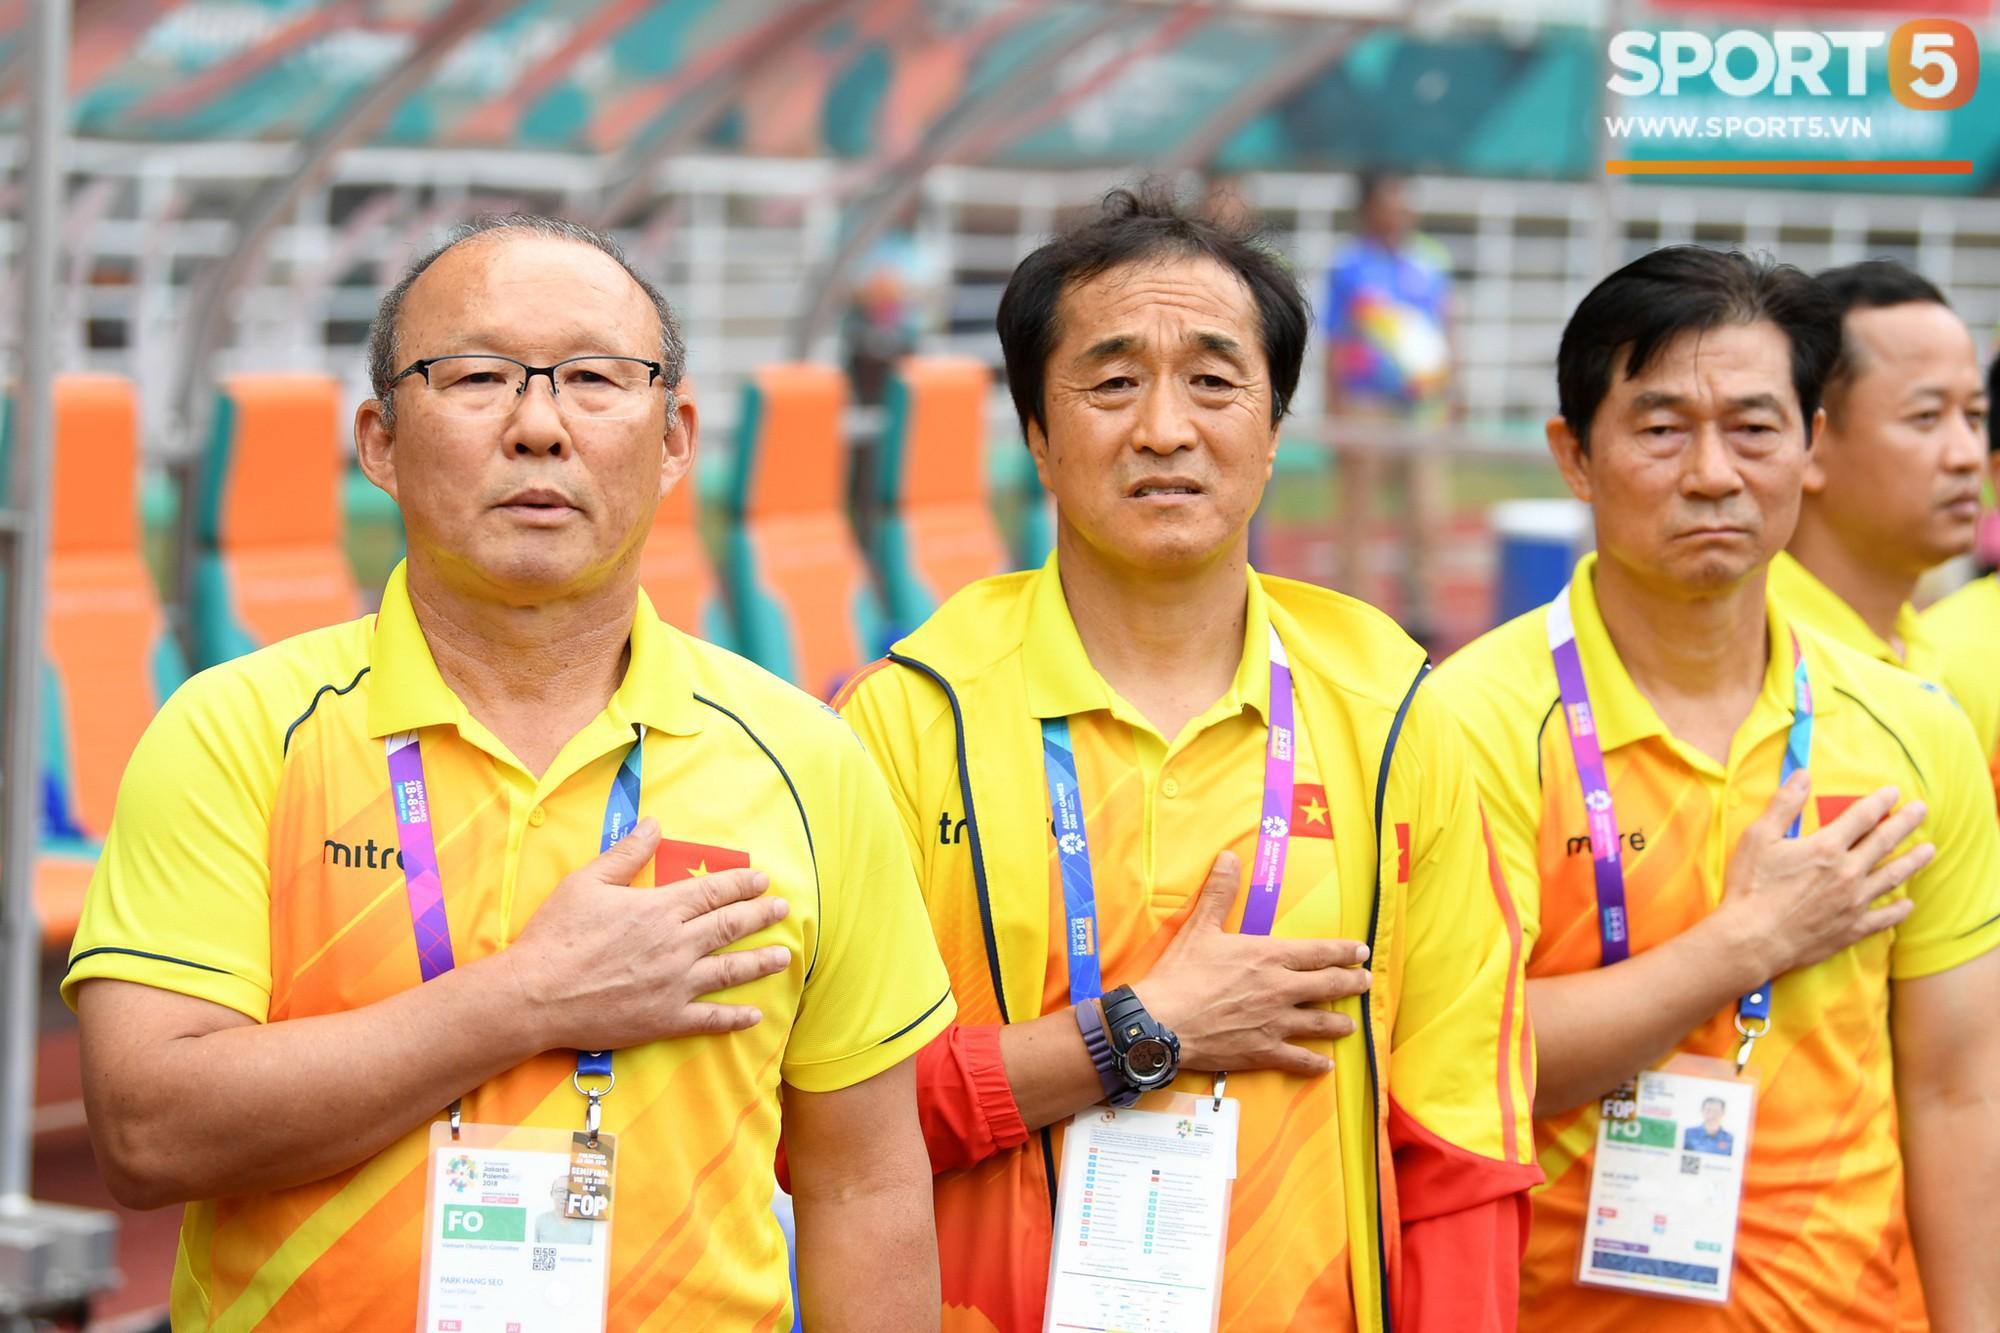 park hang-seo, - photo 29 15465839569062141095442 - HLV Park Hang-seo bước sang tuổi 60: Từ sinh viên nghiên cứu thảo mộc đến huyền thoại bóng đá Việt Nam